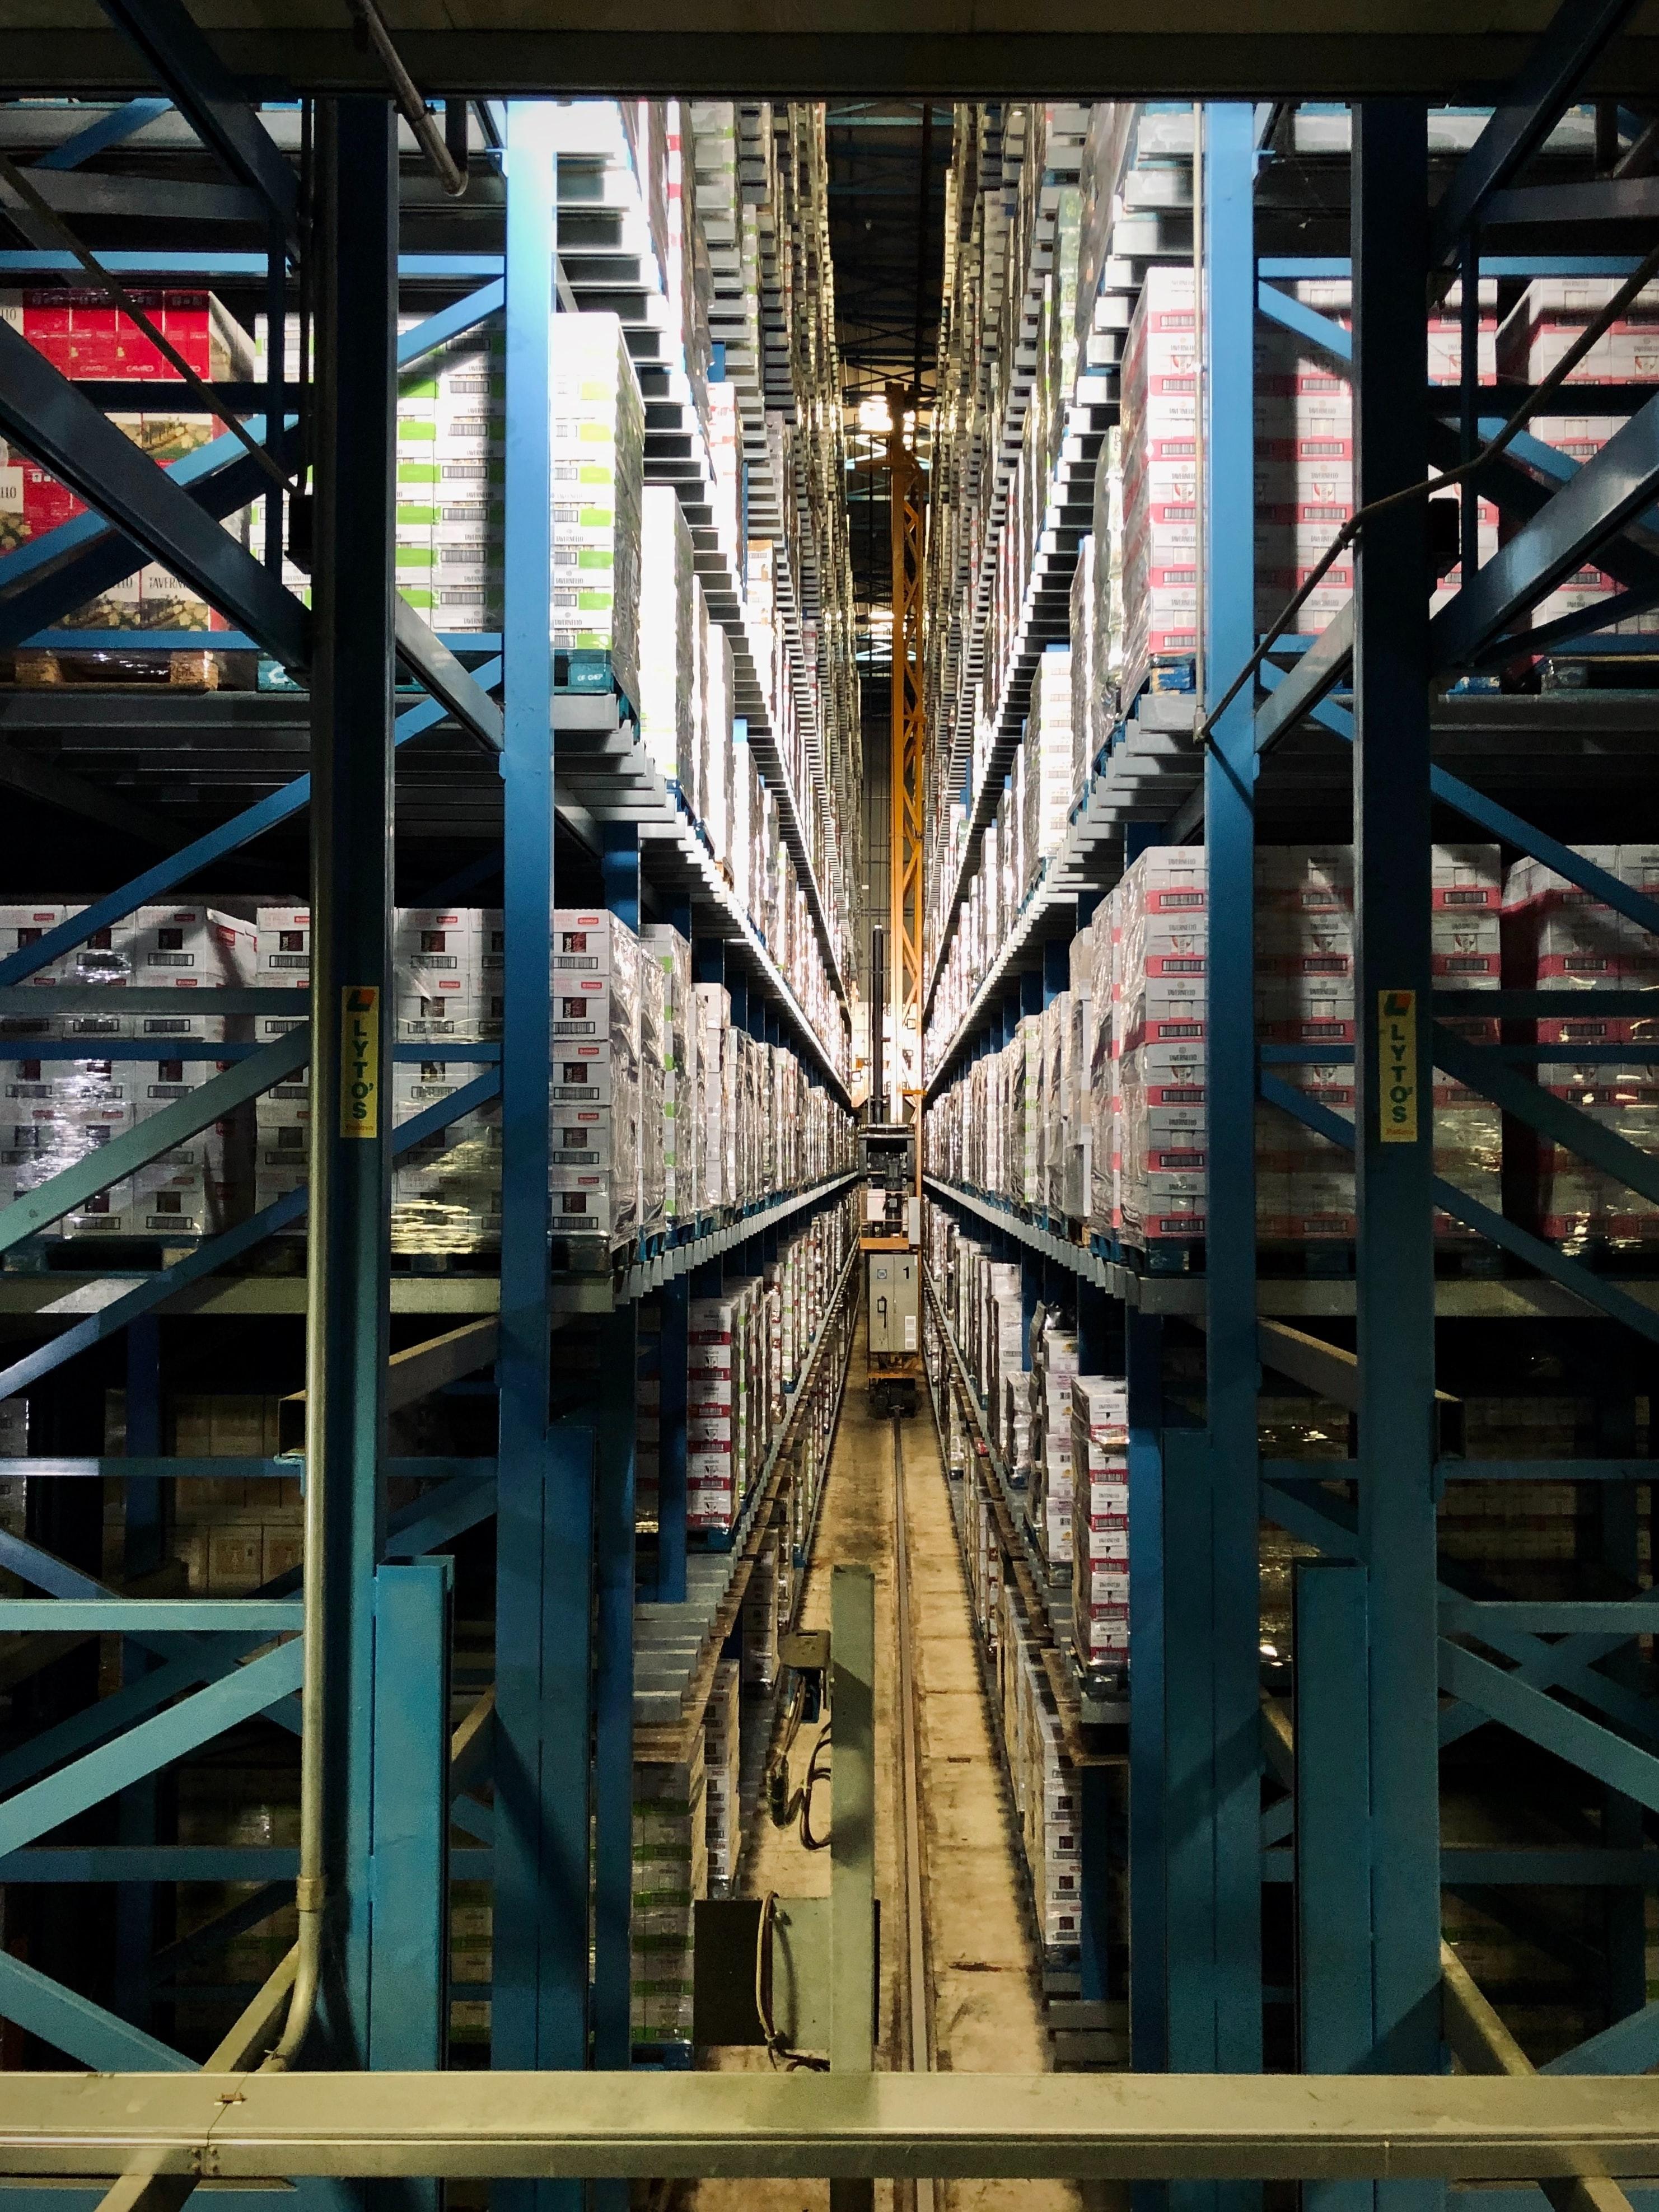 full pallets stacked on blue warehouse racks